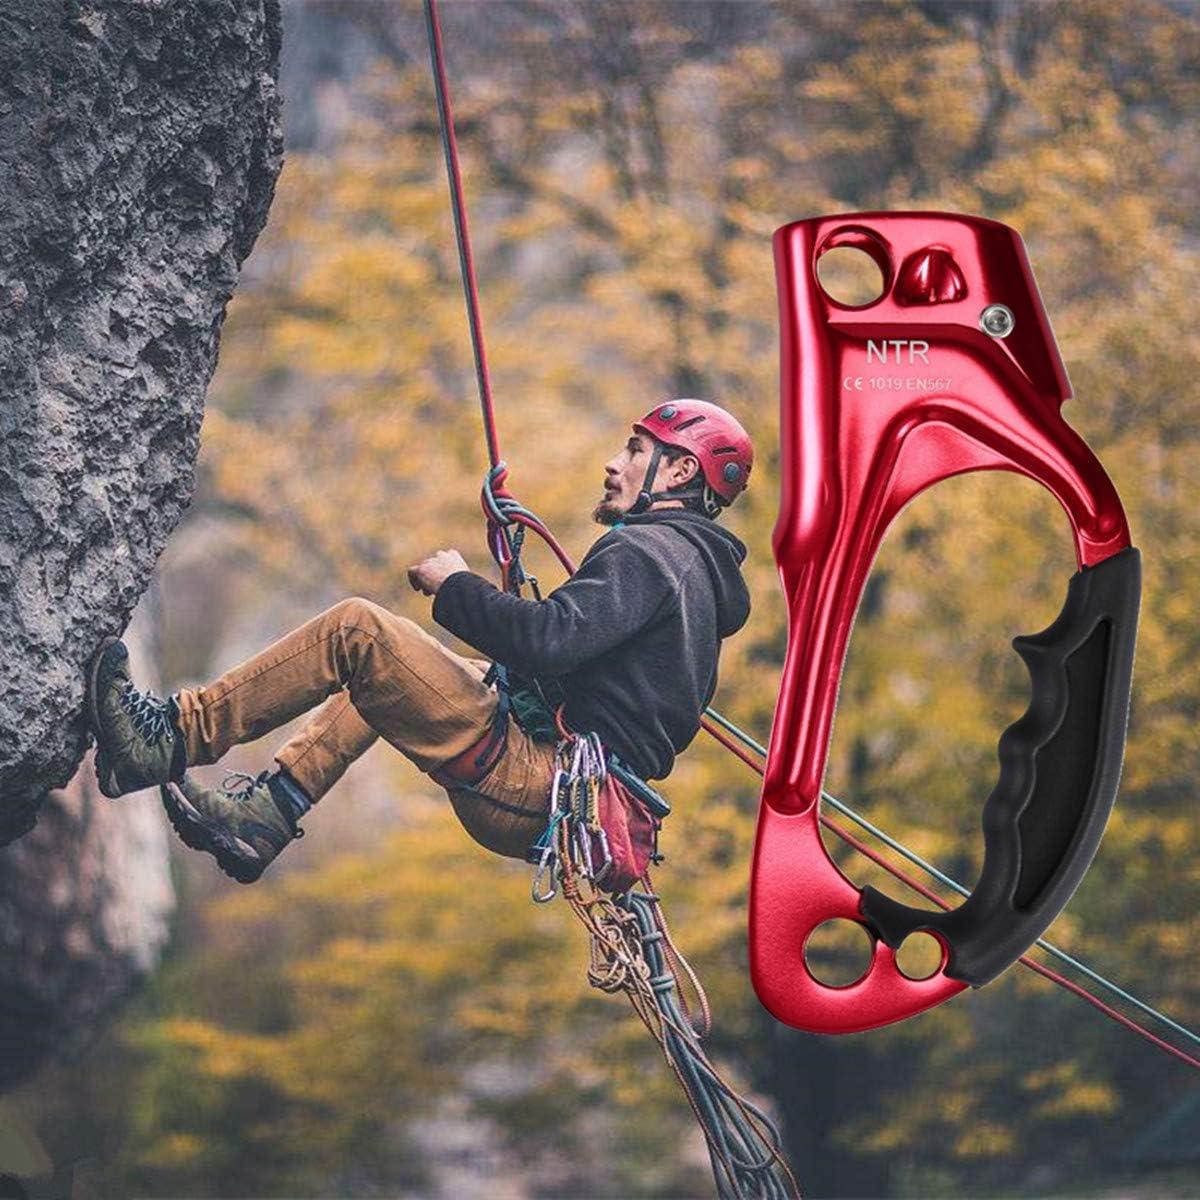 WILDKEN Ascender la Mano Derecho para Montañismo y Ascenso Escalada Ascender Manija Derecha para Escalar Árboles en Alpinismo Cuerdas 8mm-12mm